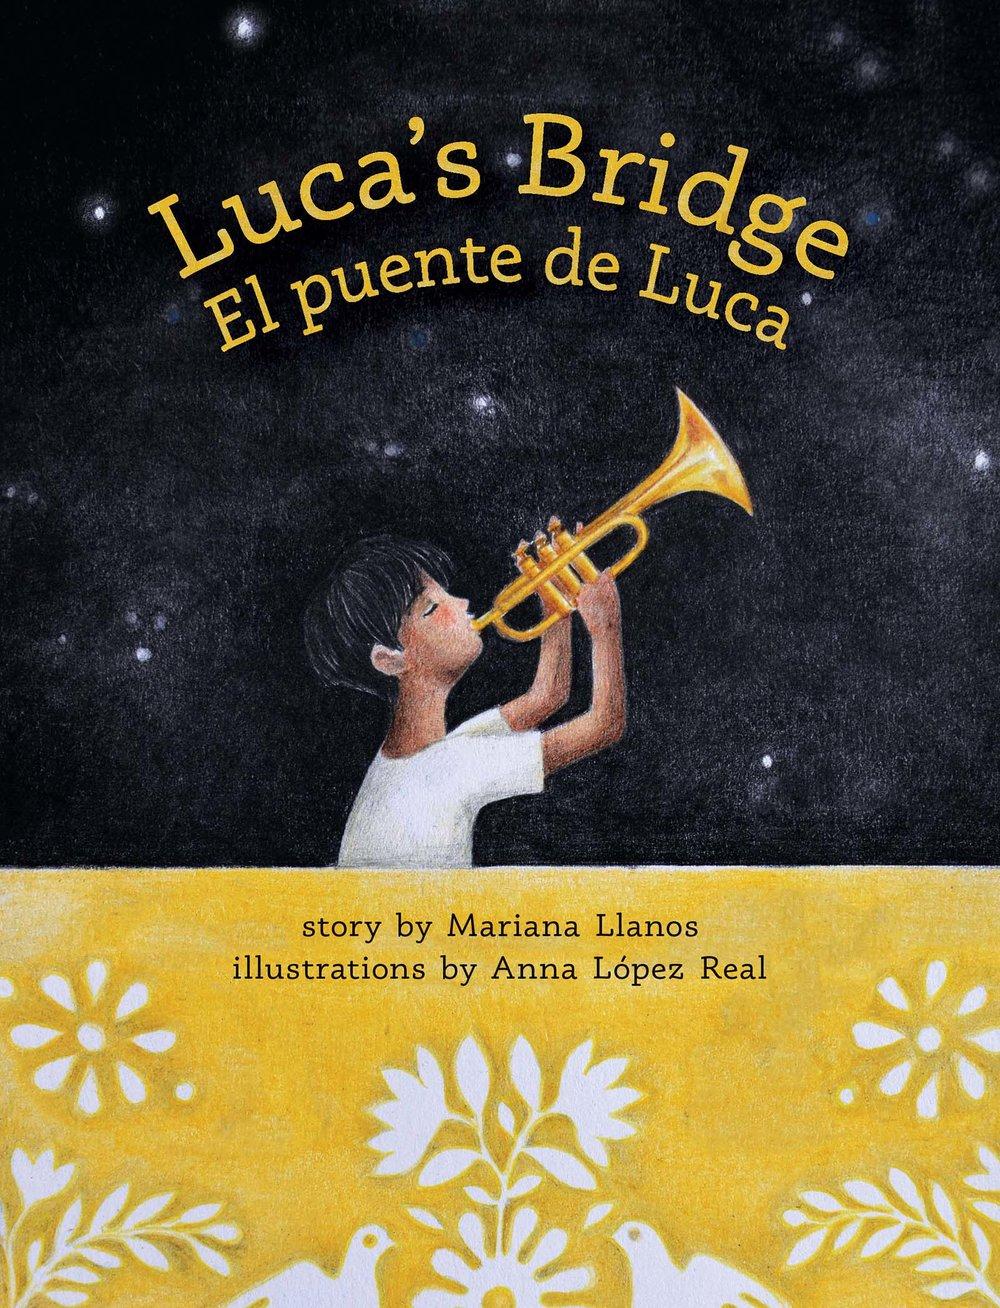 Luca's Bridge / El puente de Luca